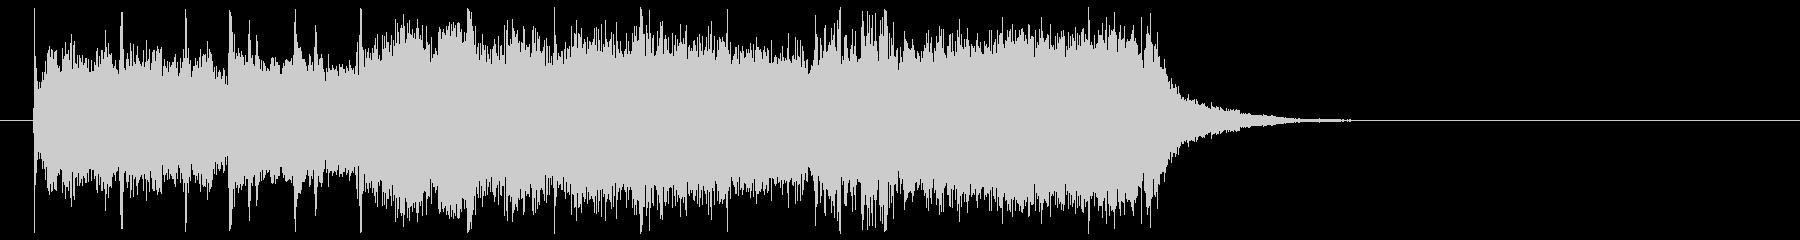 エレキギターのフュージョン・ジングルの未再生の波形